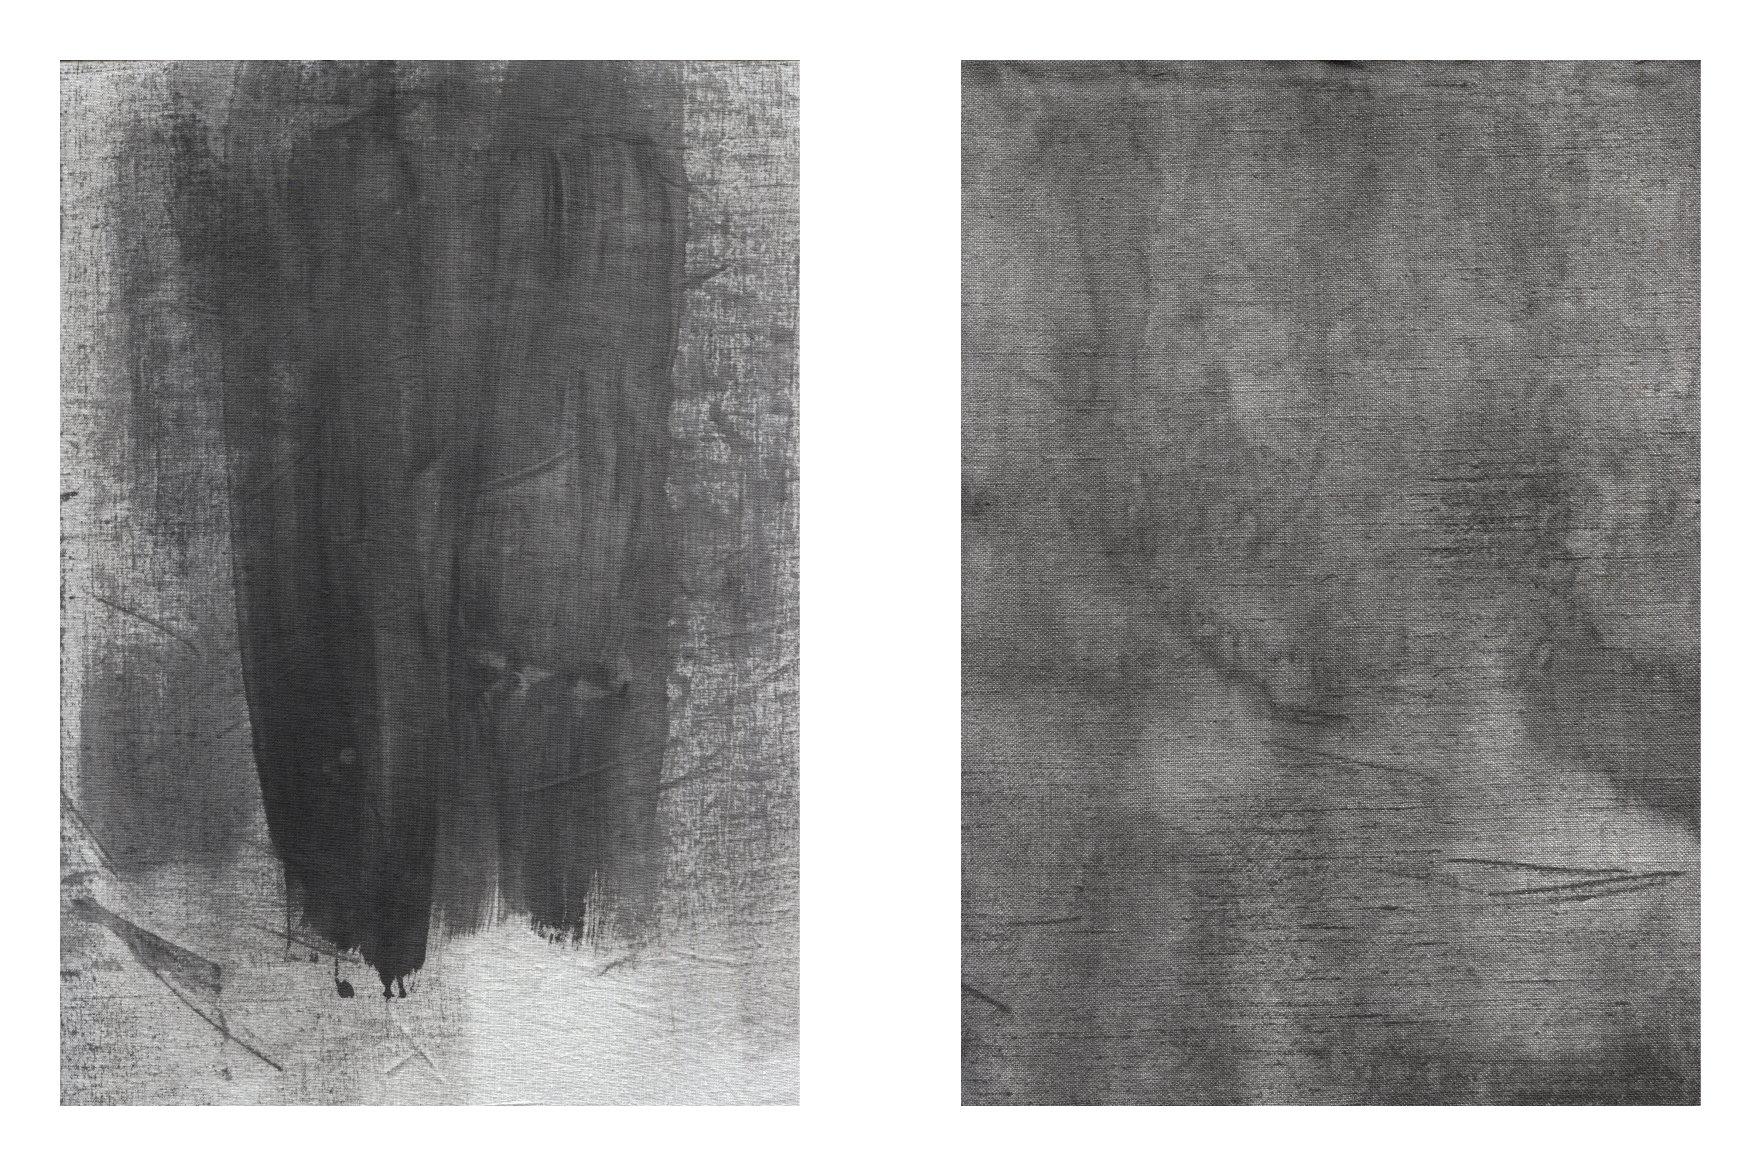 156款复古做旧折痕磨损褶皱纸张背景纹理素材合集 The Grunge Texture Bundle Vol. 1插图(20)